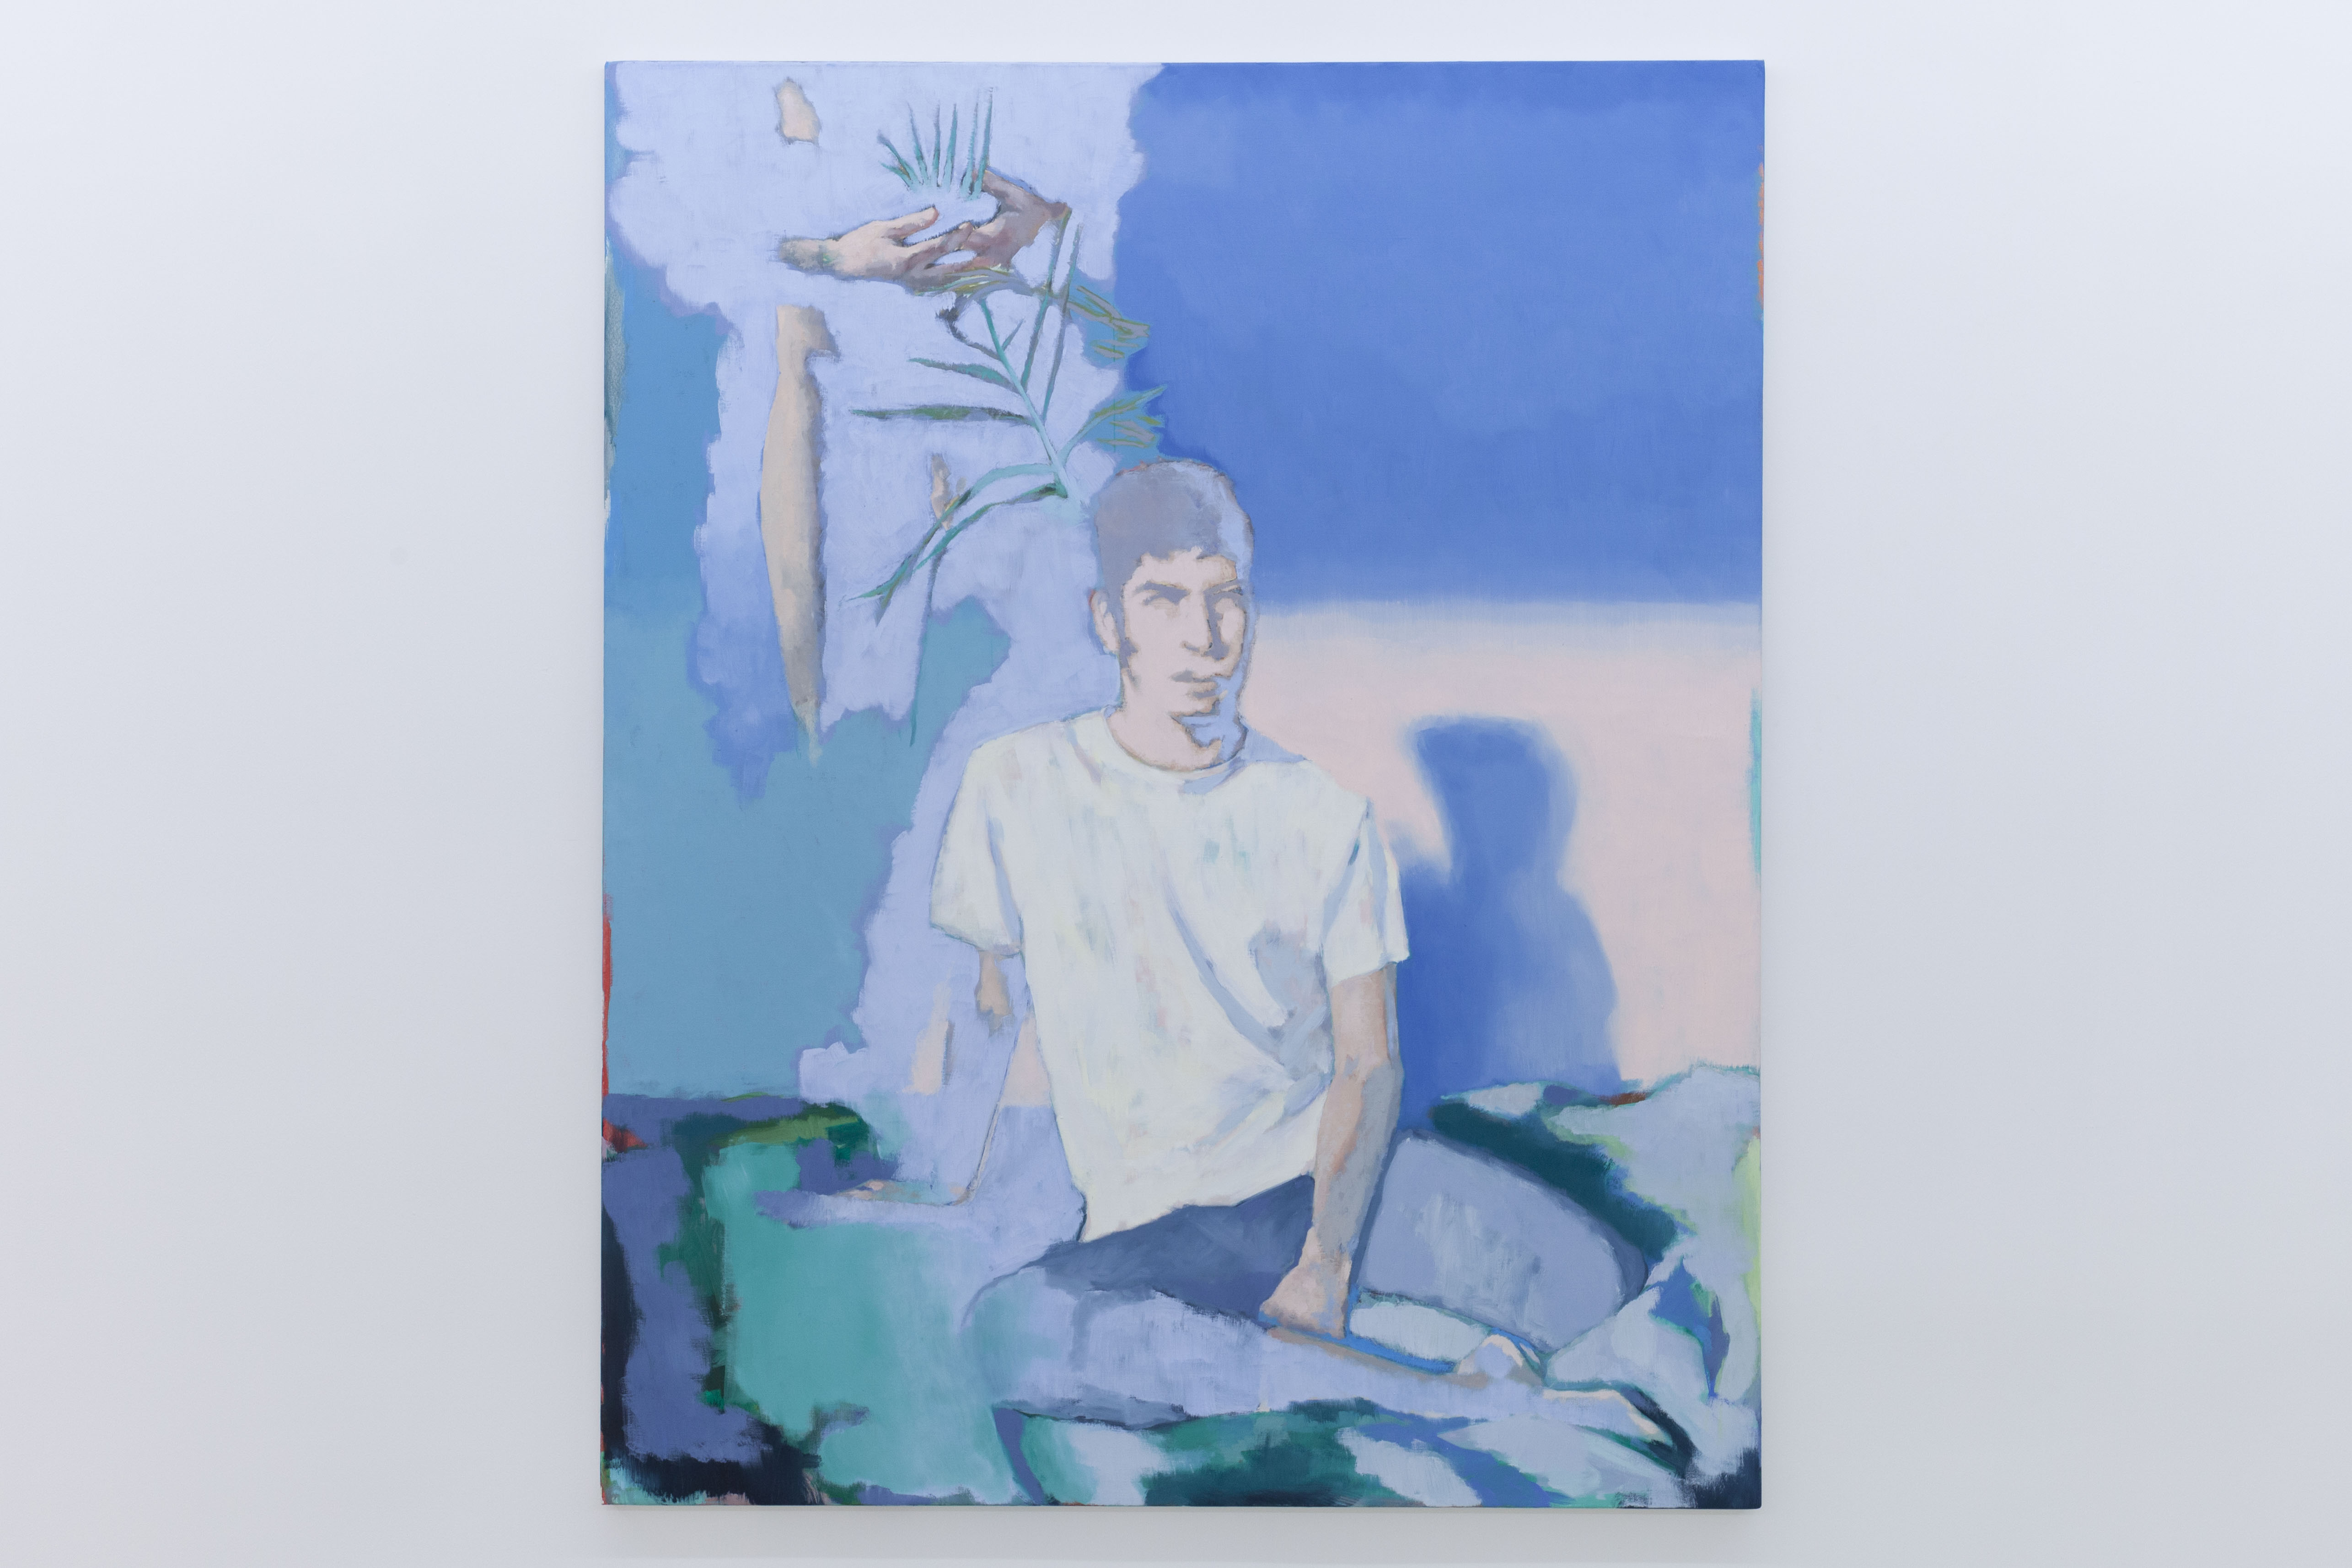 14h sur le lit, 2020, huile sur toile, 162 x 130 cm_photo Julie Coulon_web_2